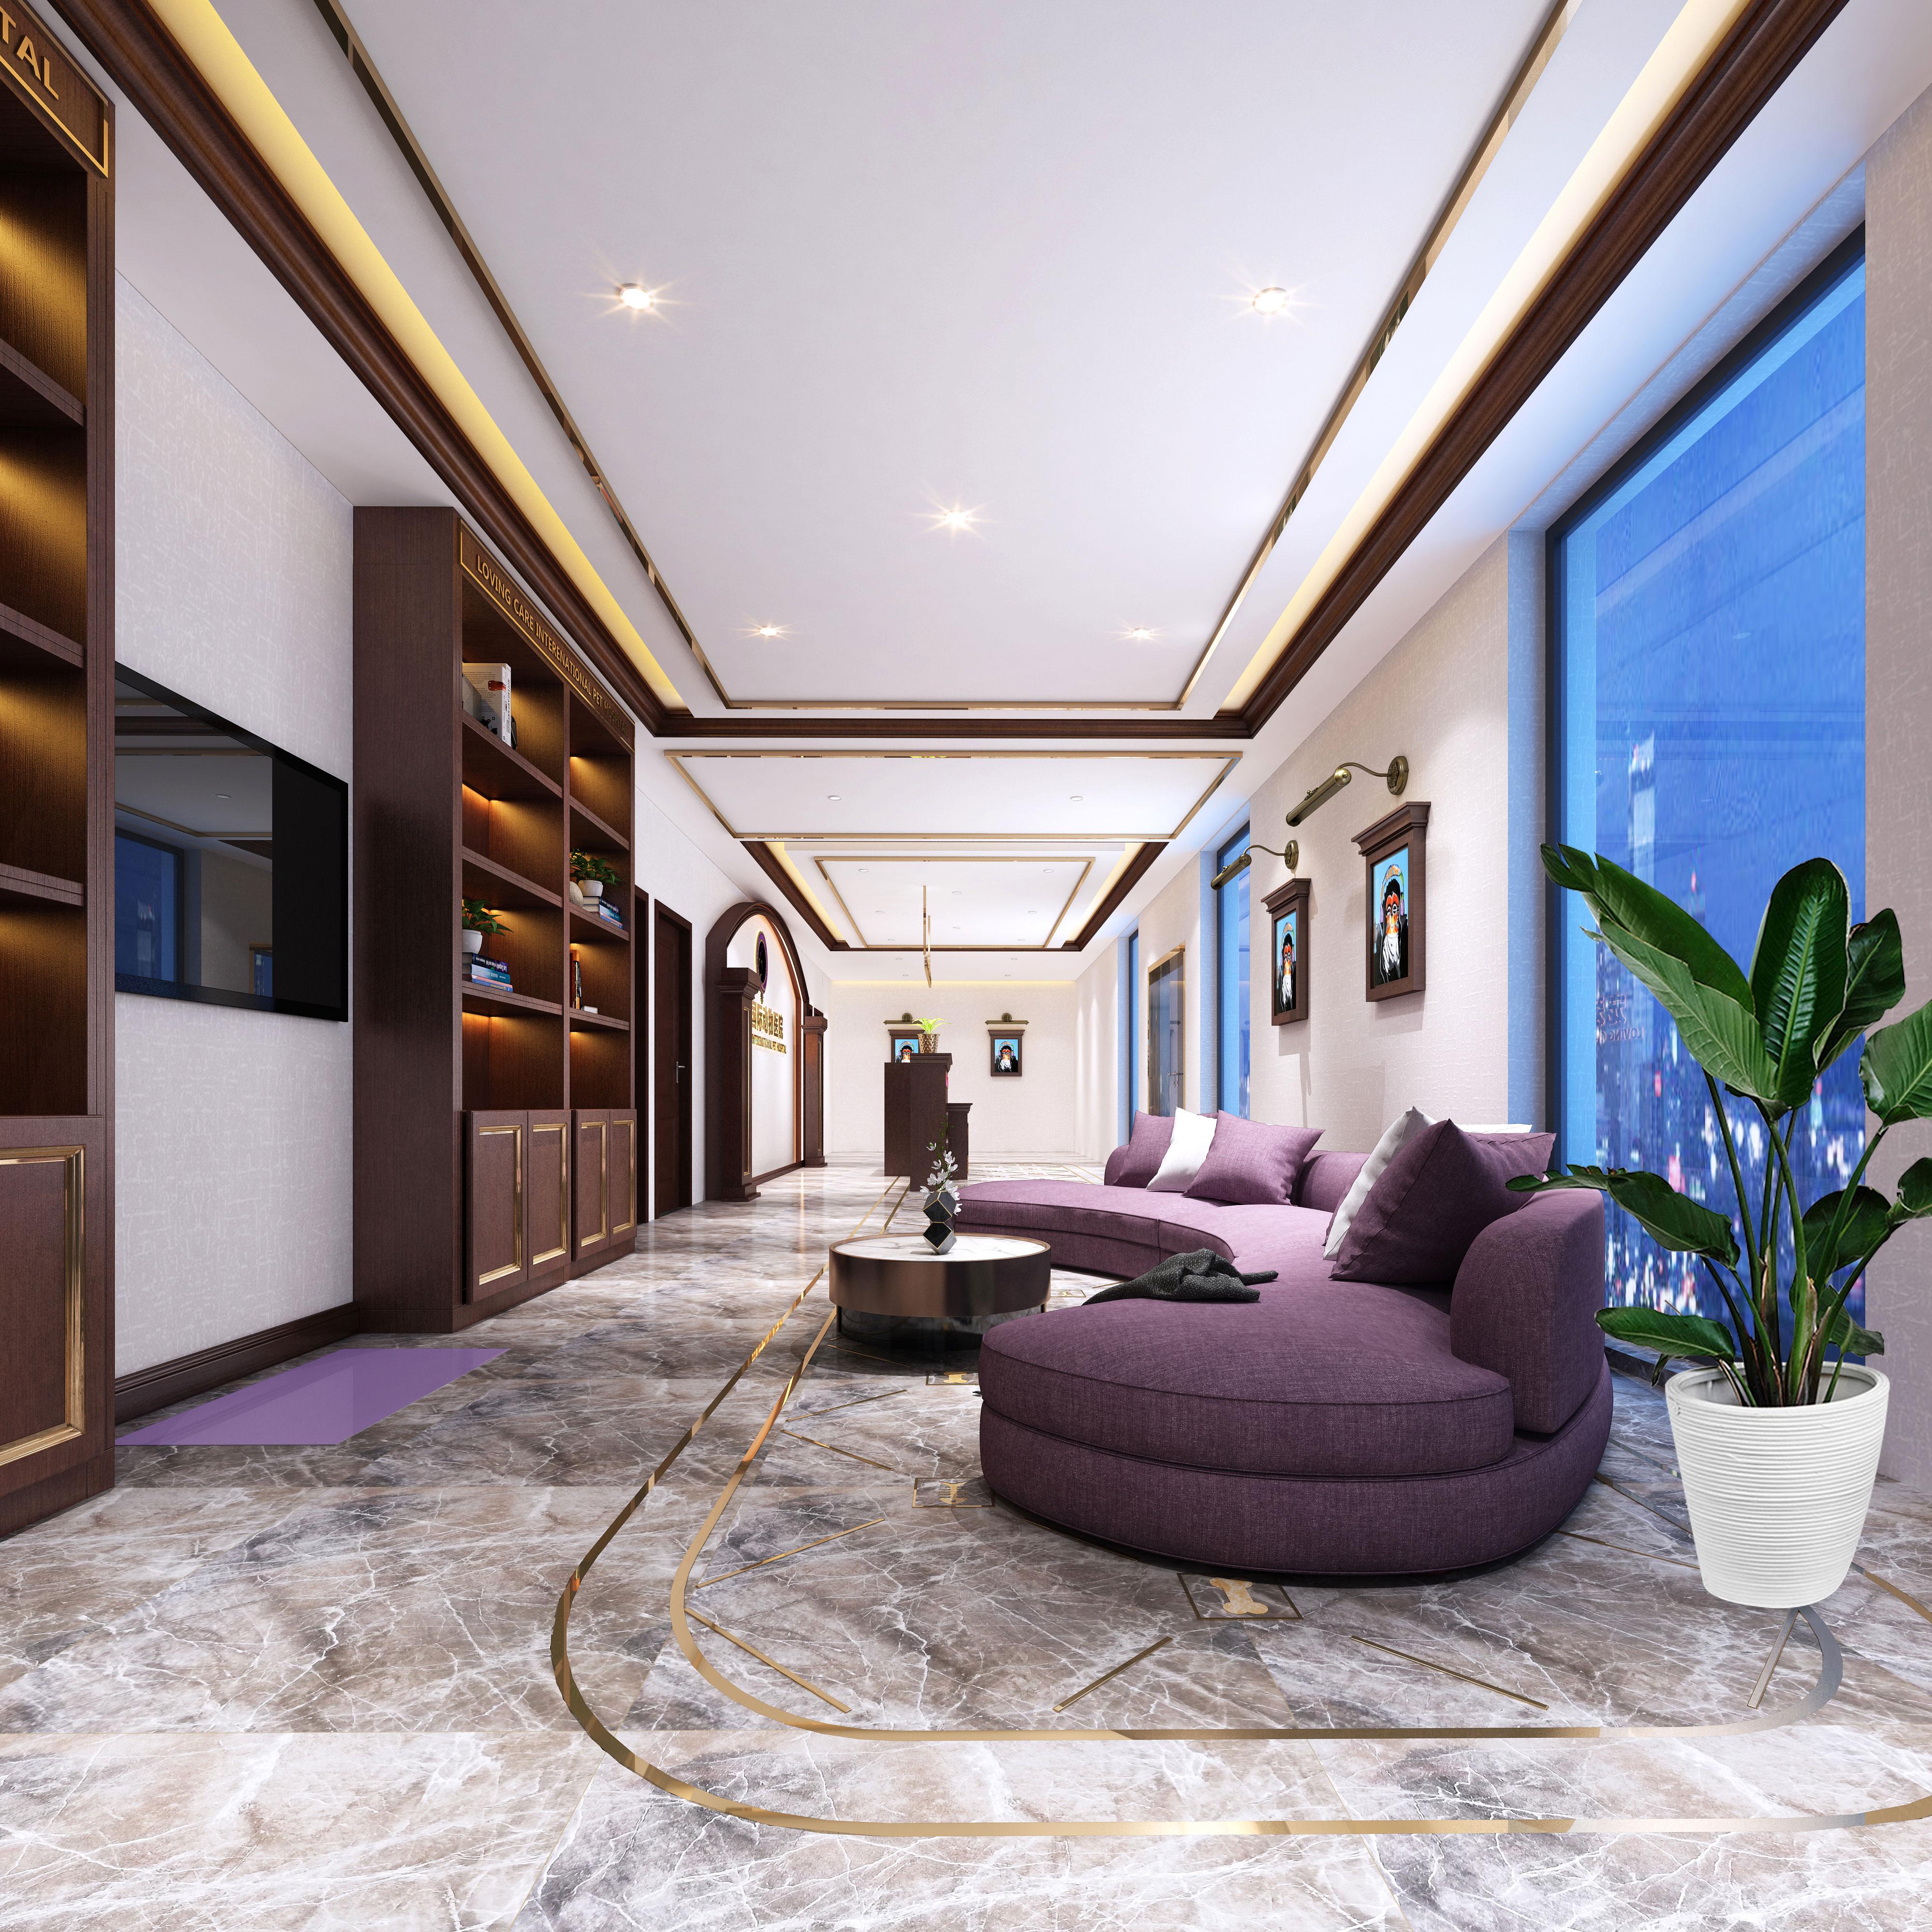 高品质北京娱乐会所空间设计费用_娱乐会所空间设计思路相关-北京林间建筑装饰设计有限公